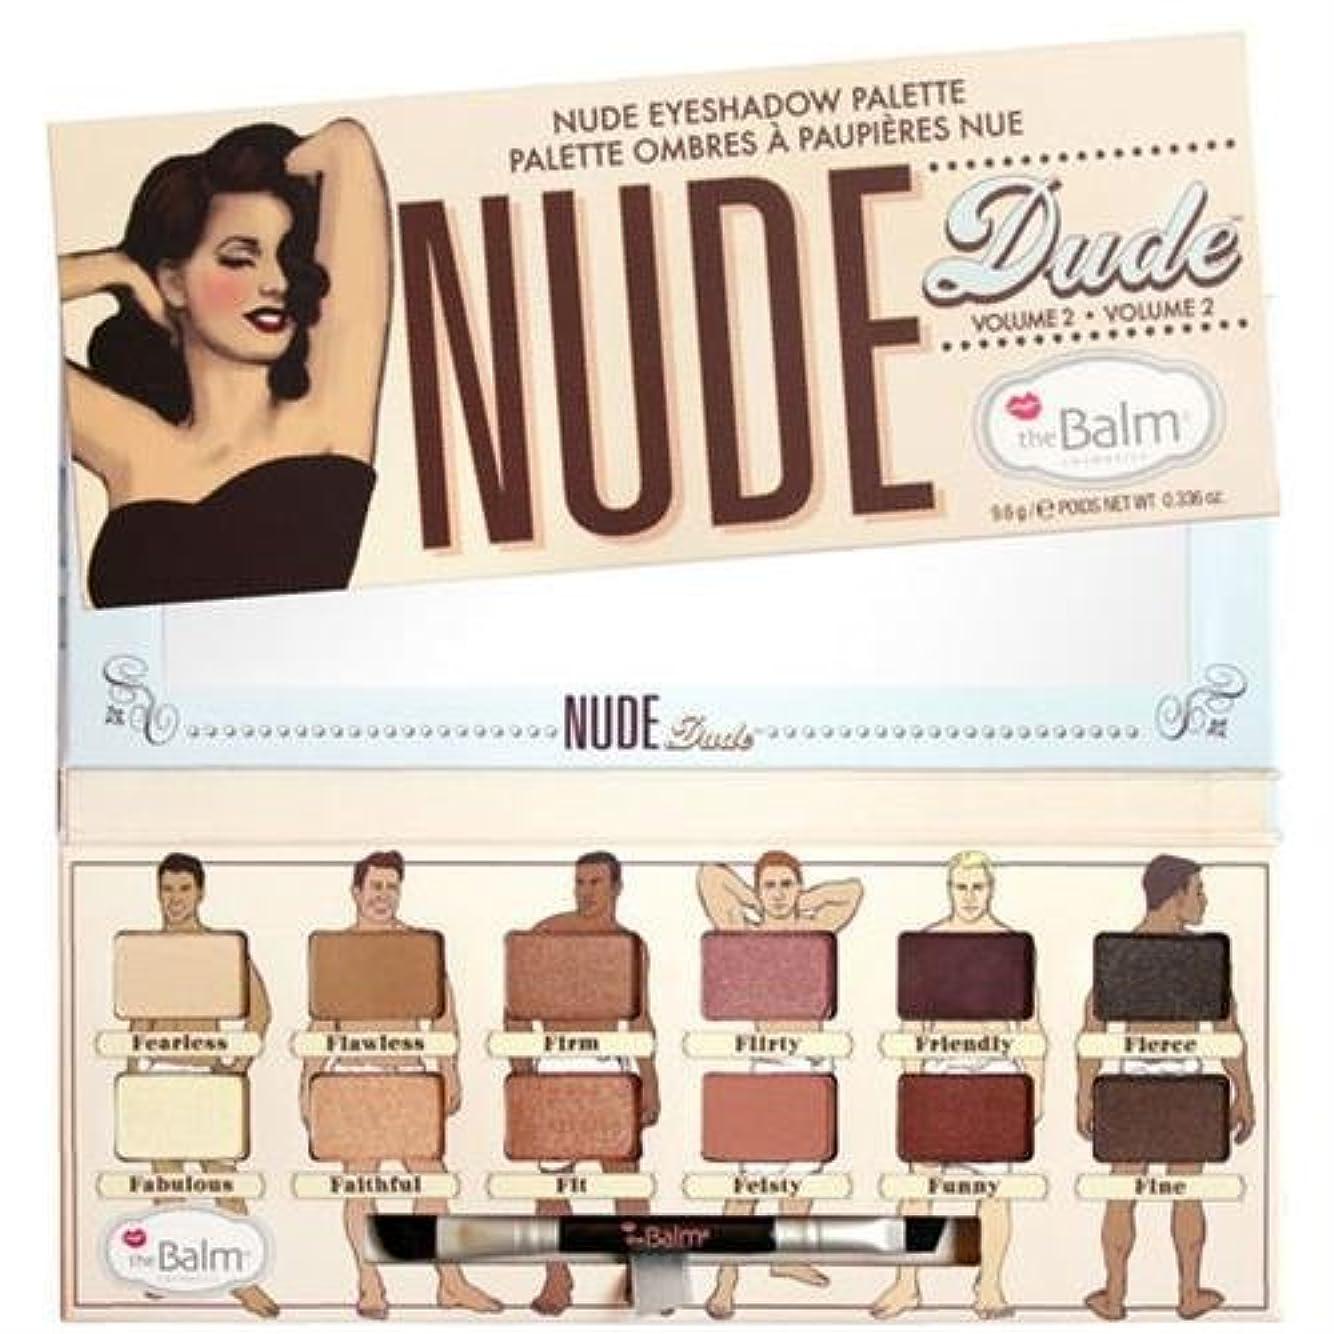 示す救急車残酷なThebalm Nude Dude Nude Eyeshadow Palette (並行輸入品) [並行輸入品]